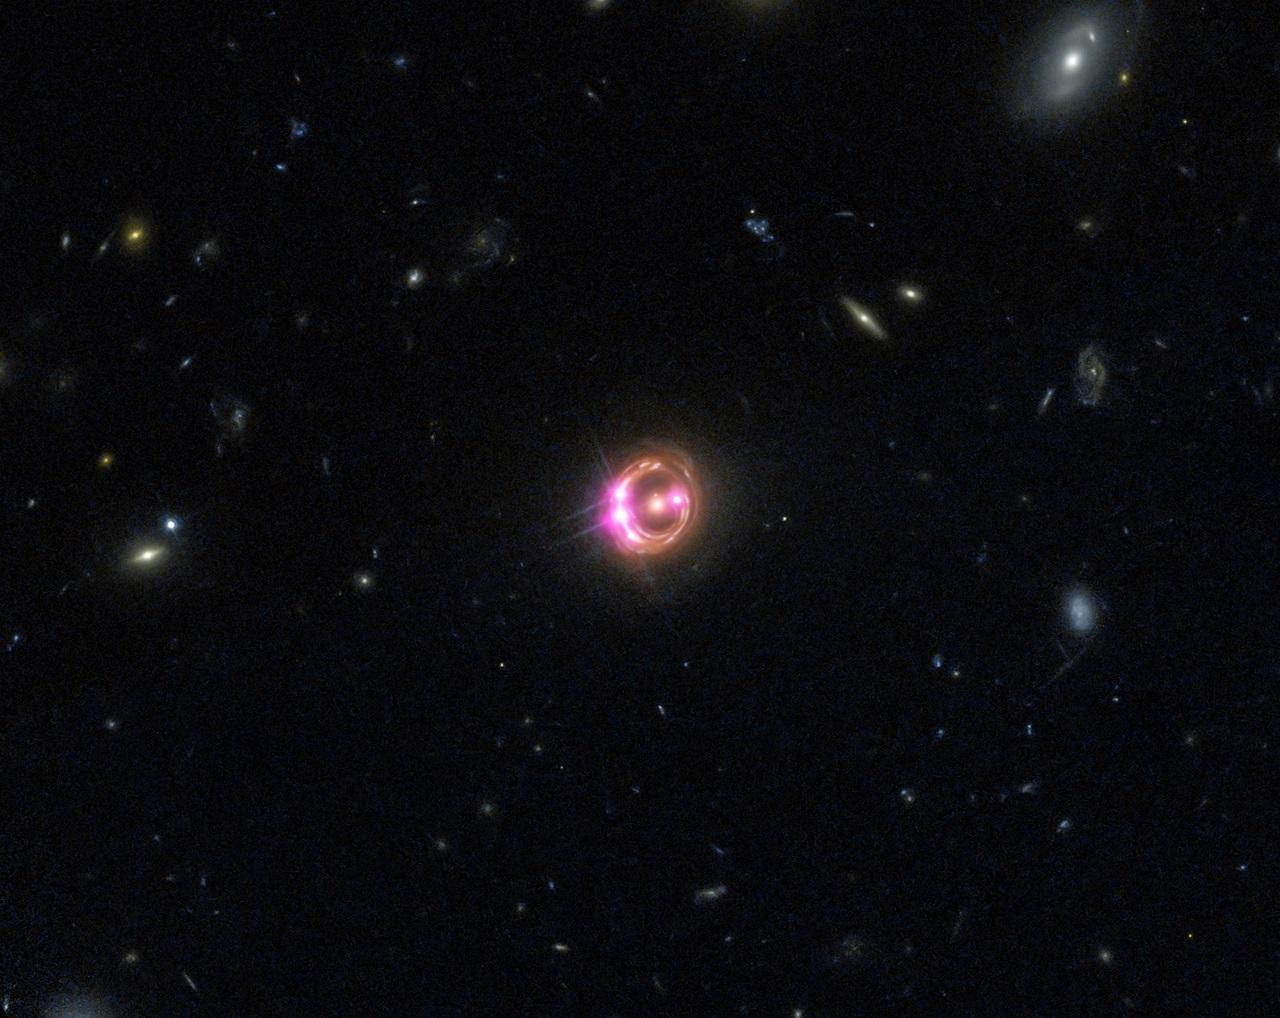 პირველად ისტორიაში, აღმოჩენილია სხვა გალაქტიკაში მდებარე პლანეტები